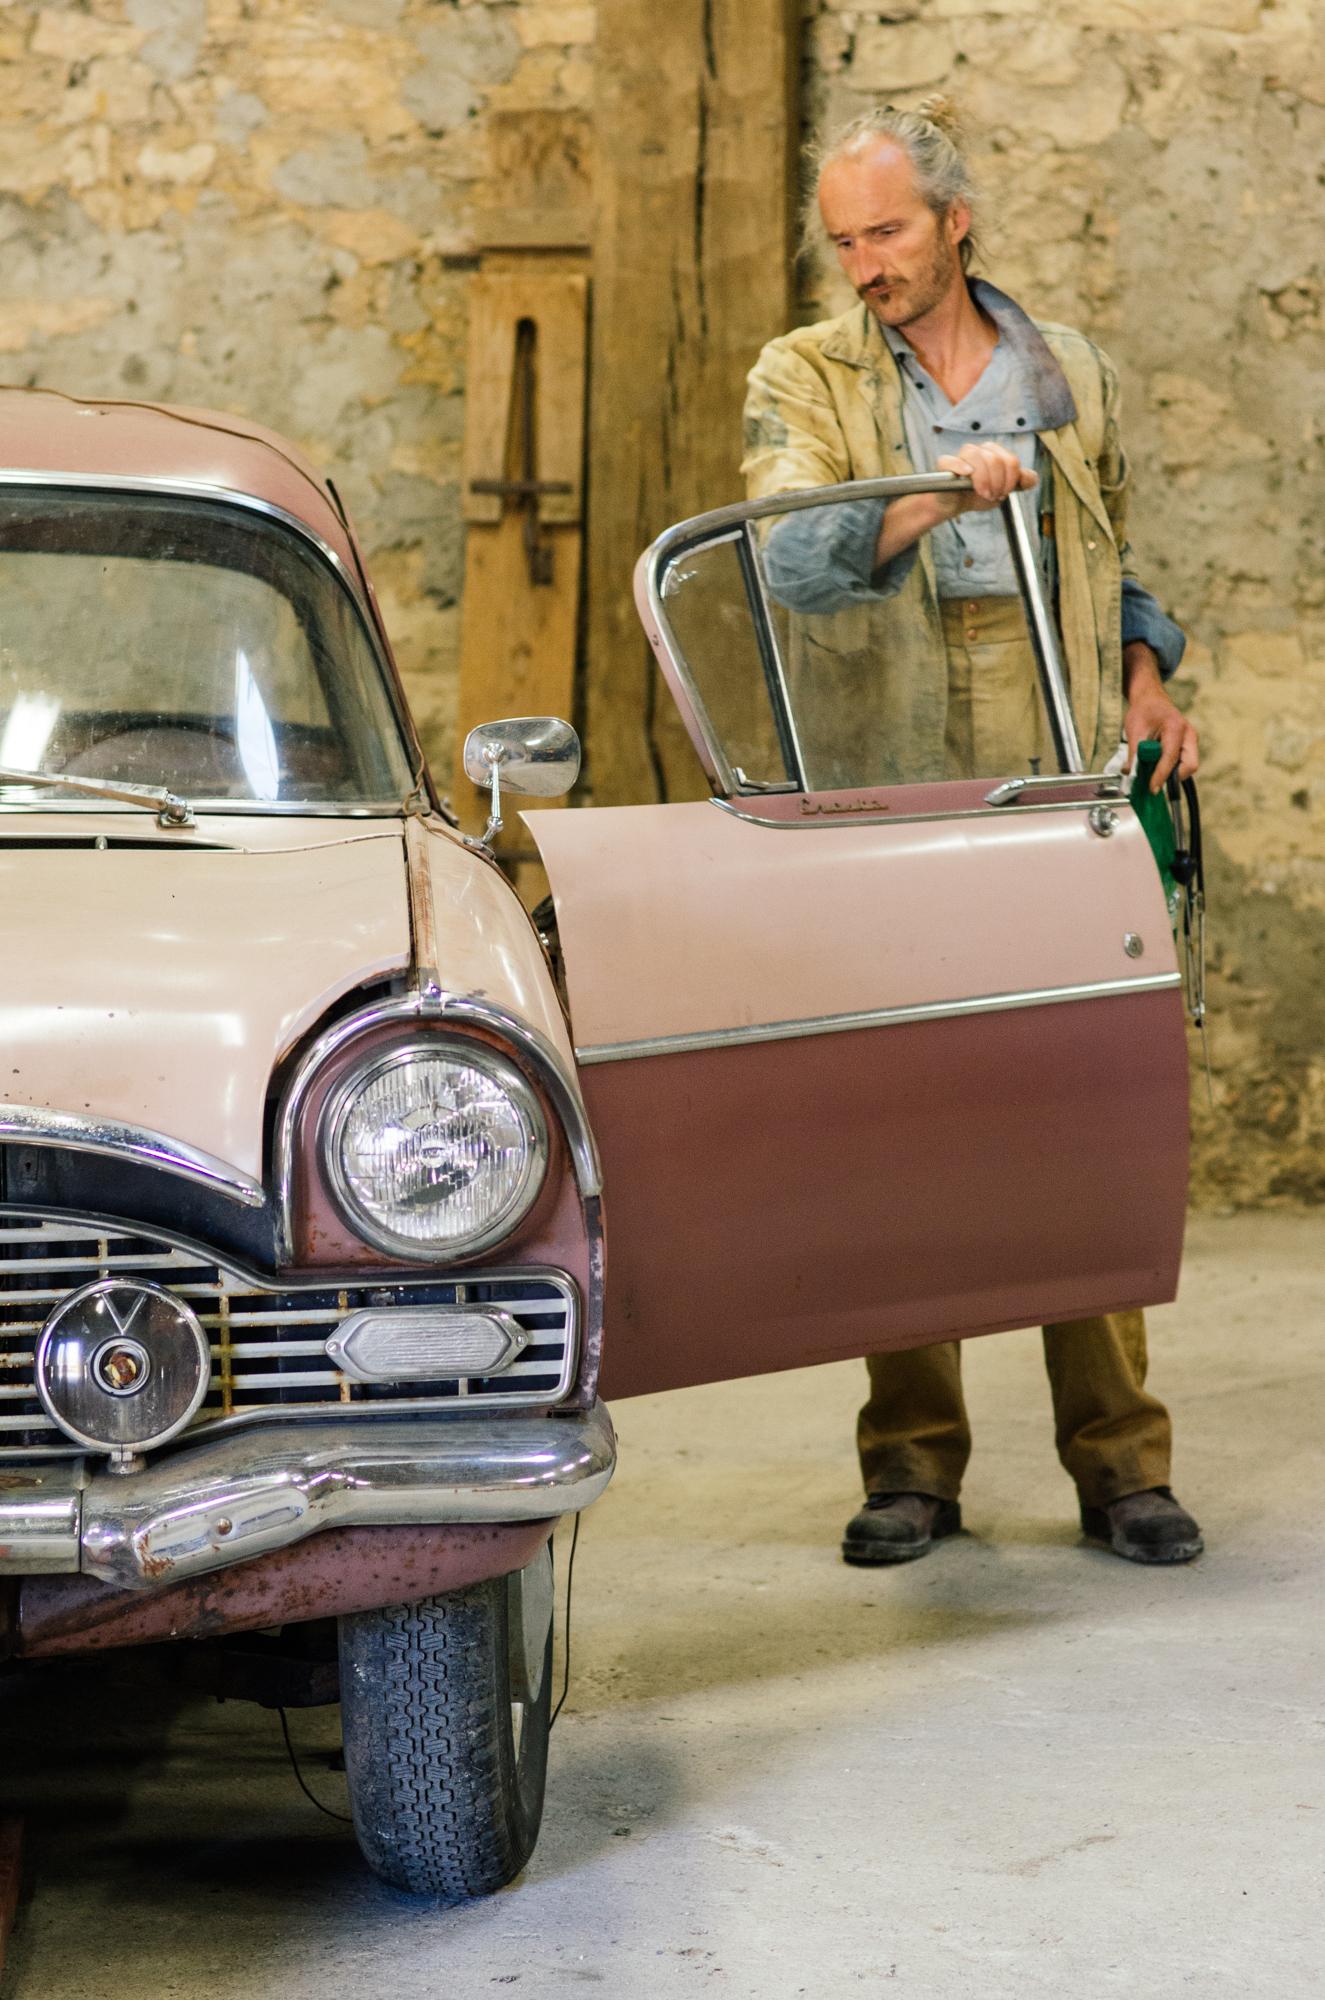 Un piano dans le moteur - Carnet de voyage en France